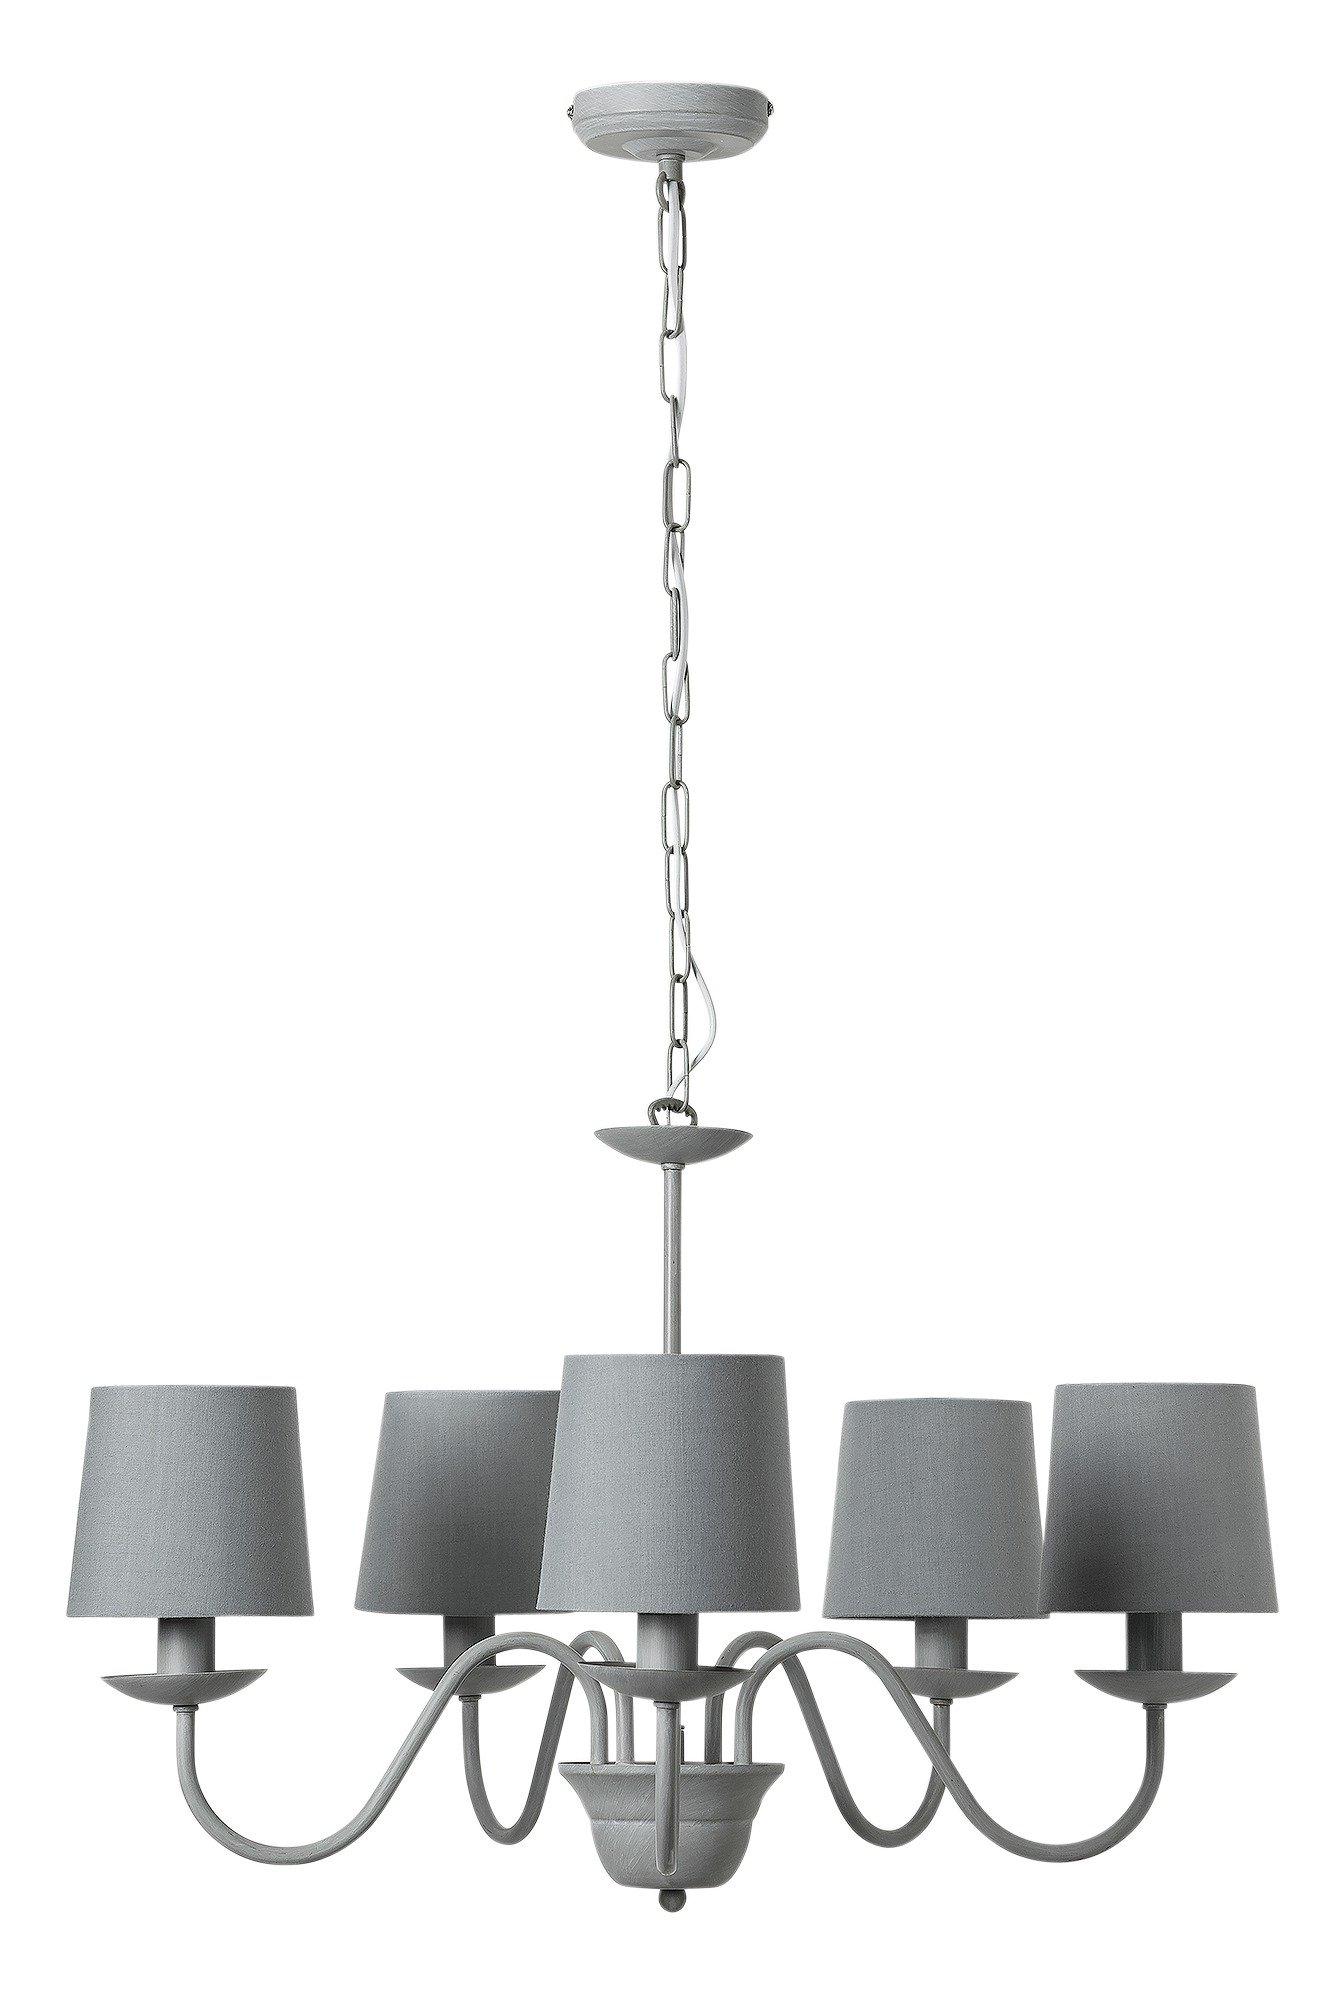 Buy Heart of House Aster 5 Light Chandelier Ceiling Light Grey